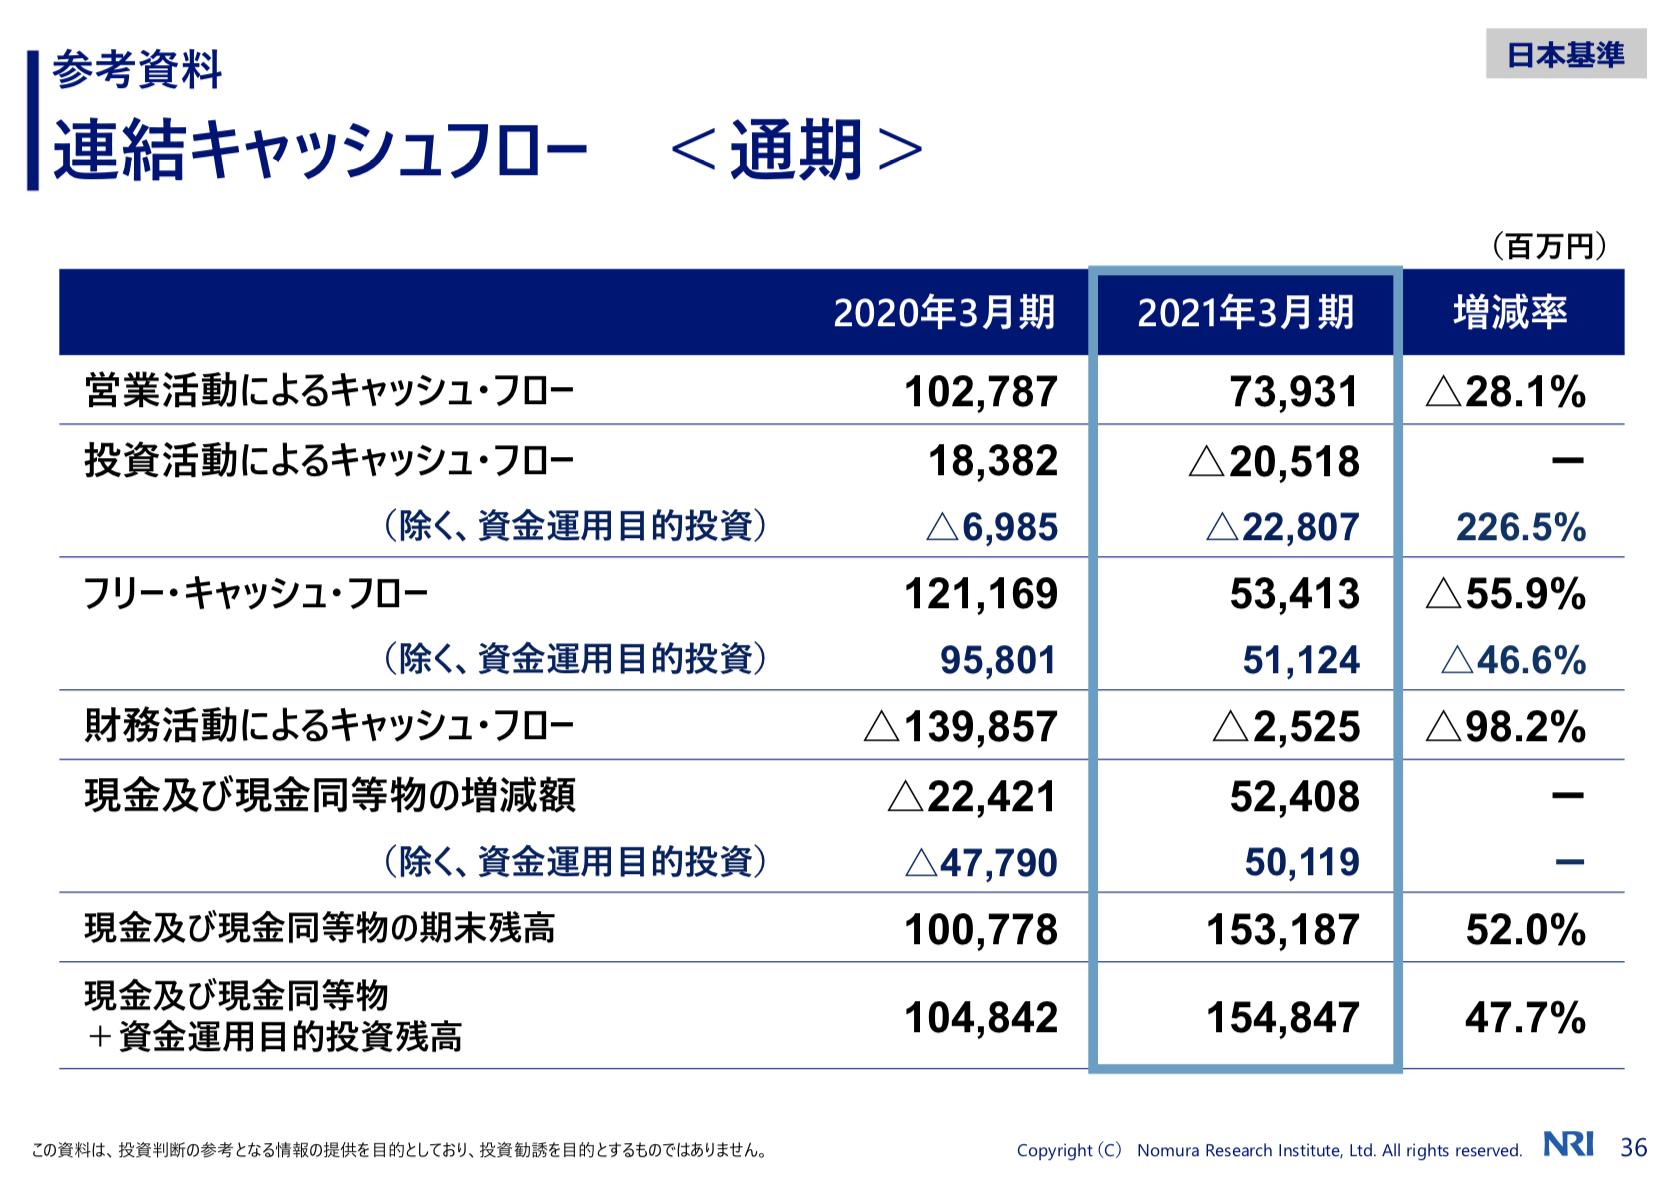 株式会社野村総合研究所 2021年3月期決算および2022年3月期業績見通し